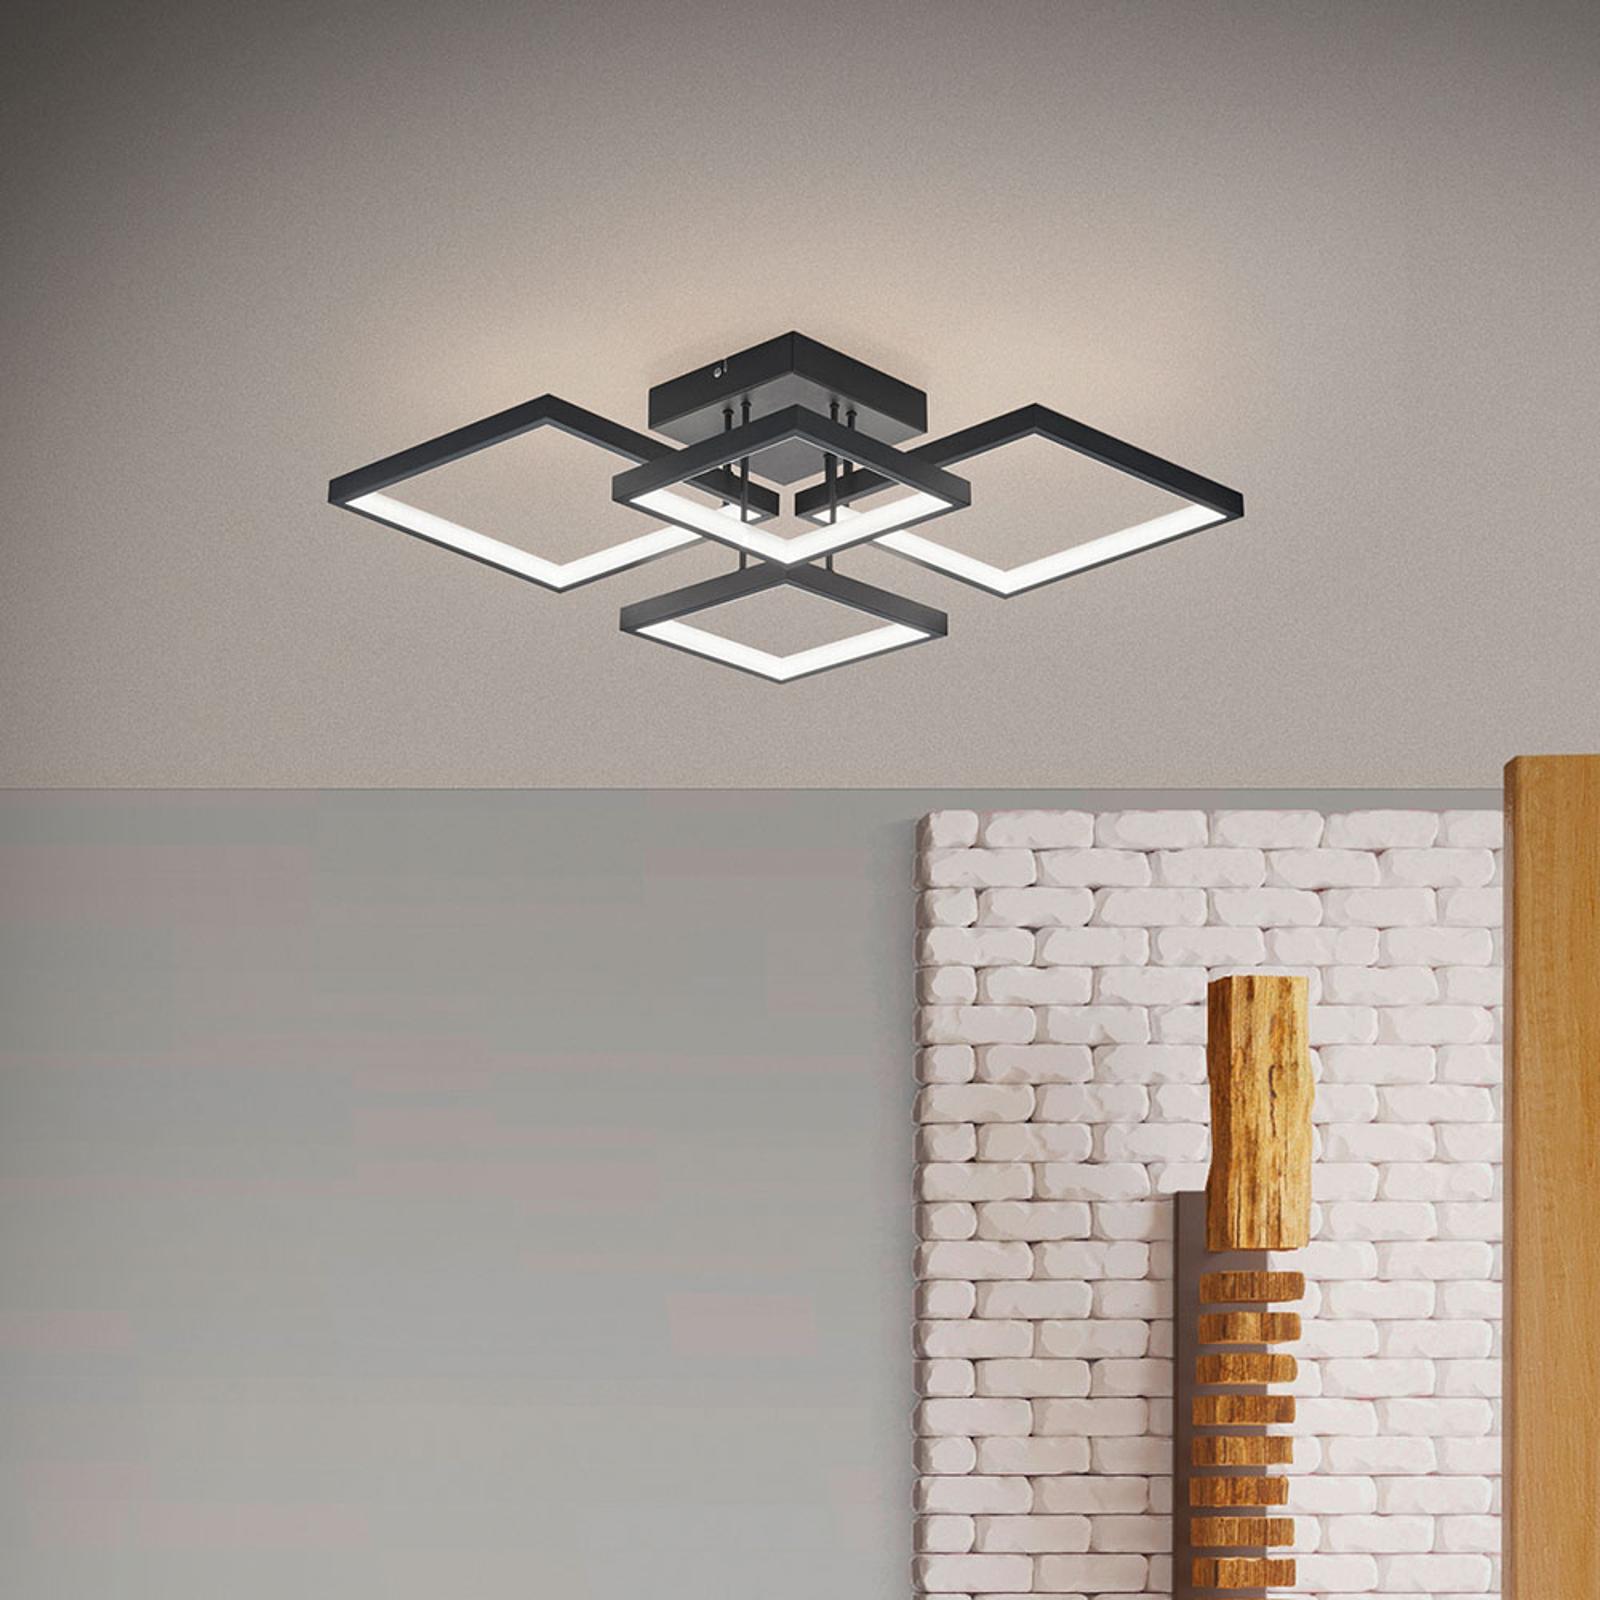 LED-taklampe Sorrento 52x52cm, matt svart